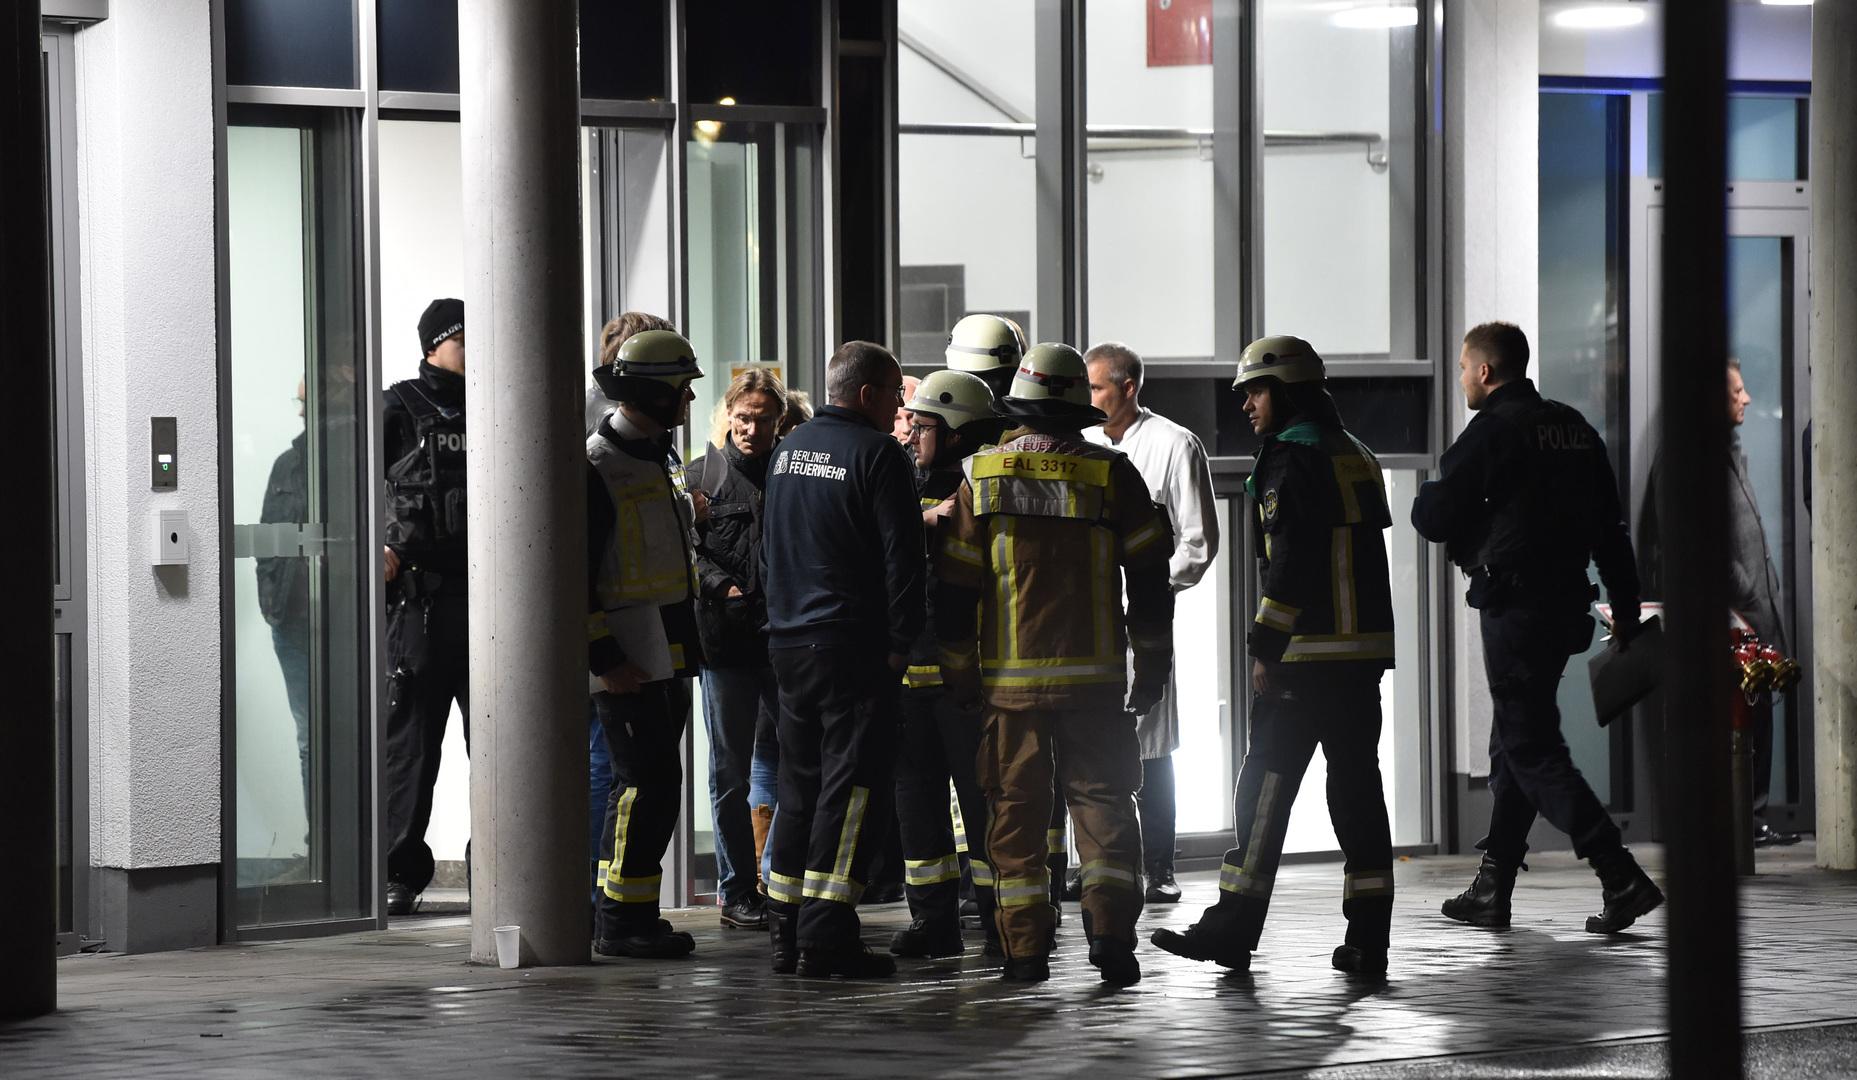 """Angriff auf von Weizsäcker: Motiv """"wohl wahnbedingte allgemeine Abneigung"""" gegen Familie des Opfers"""